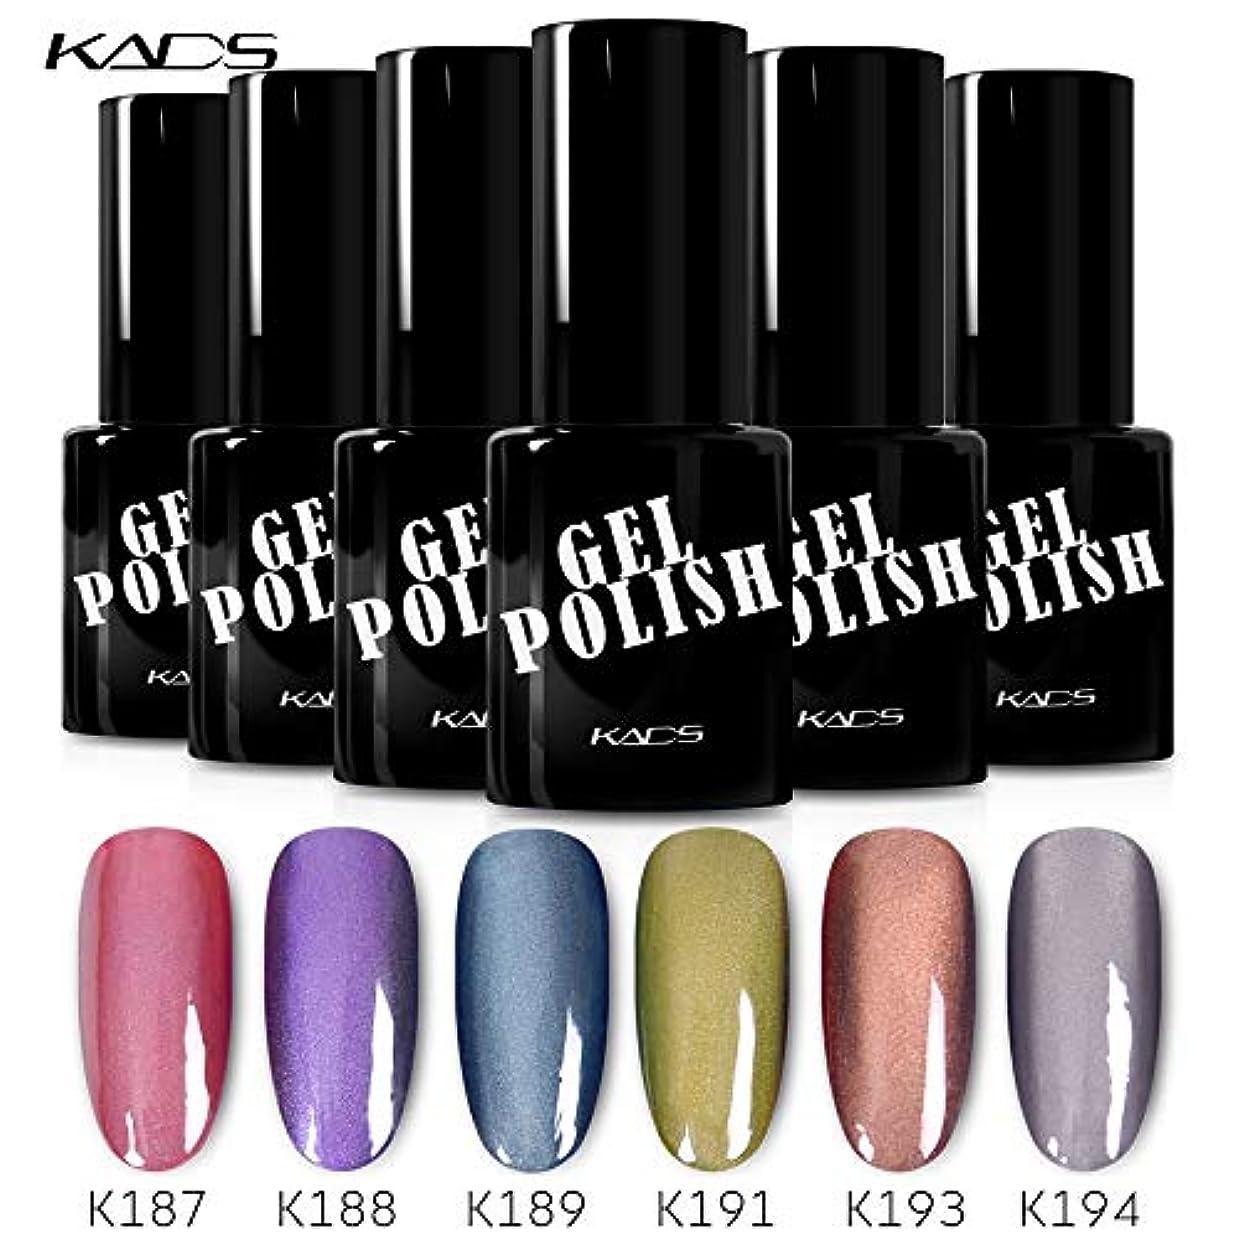 に沿ってなぜ年齢KADS カラージェル 6色入り キャッツアイジェルネイル グリーン/ピンク/グレー カラーポリッシュ UV/LED対応 艶長持ち